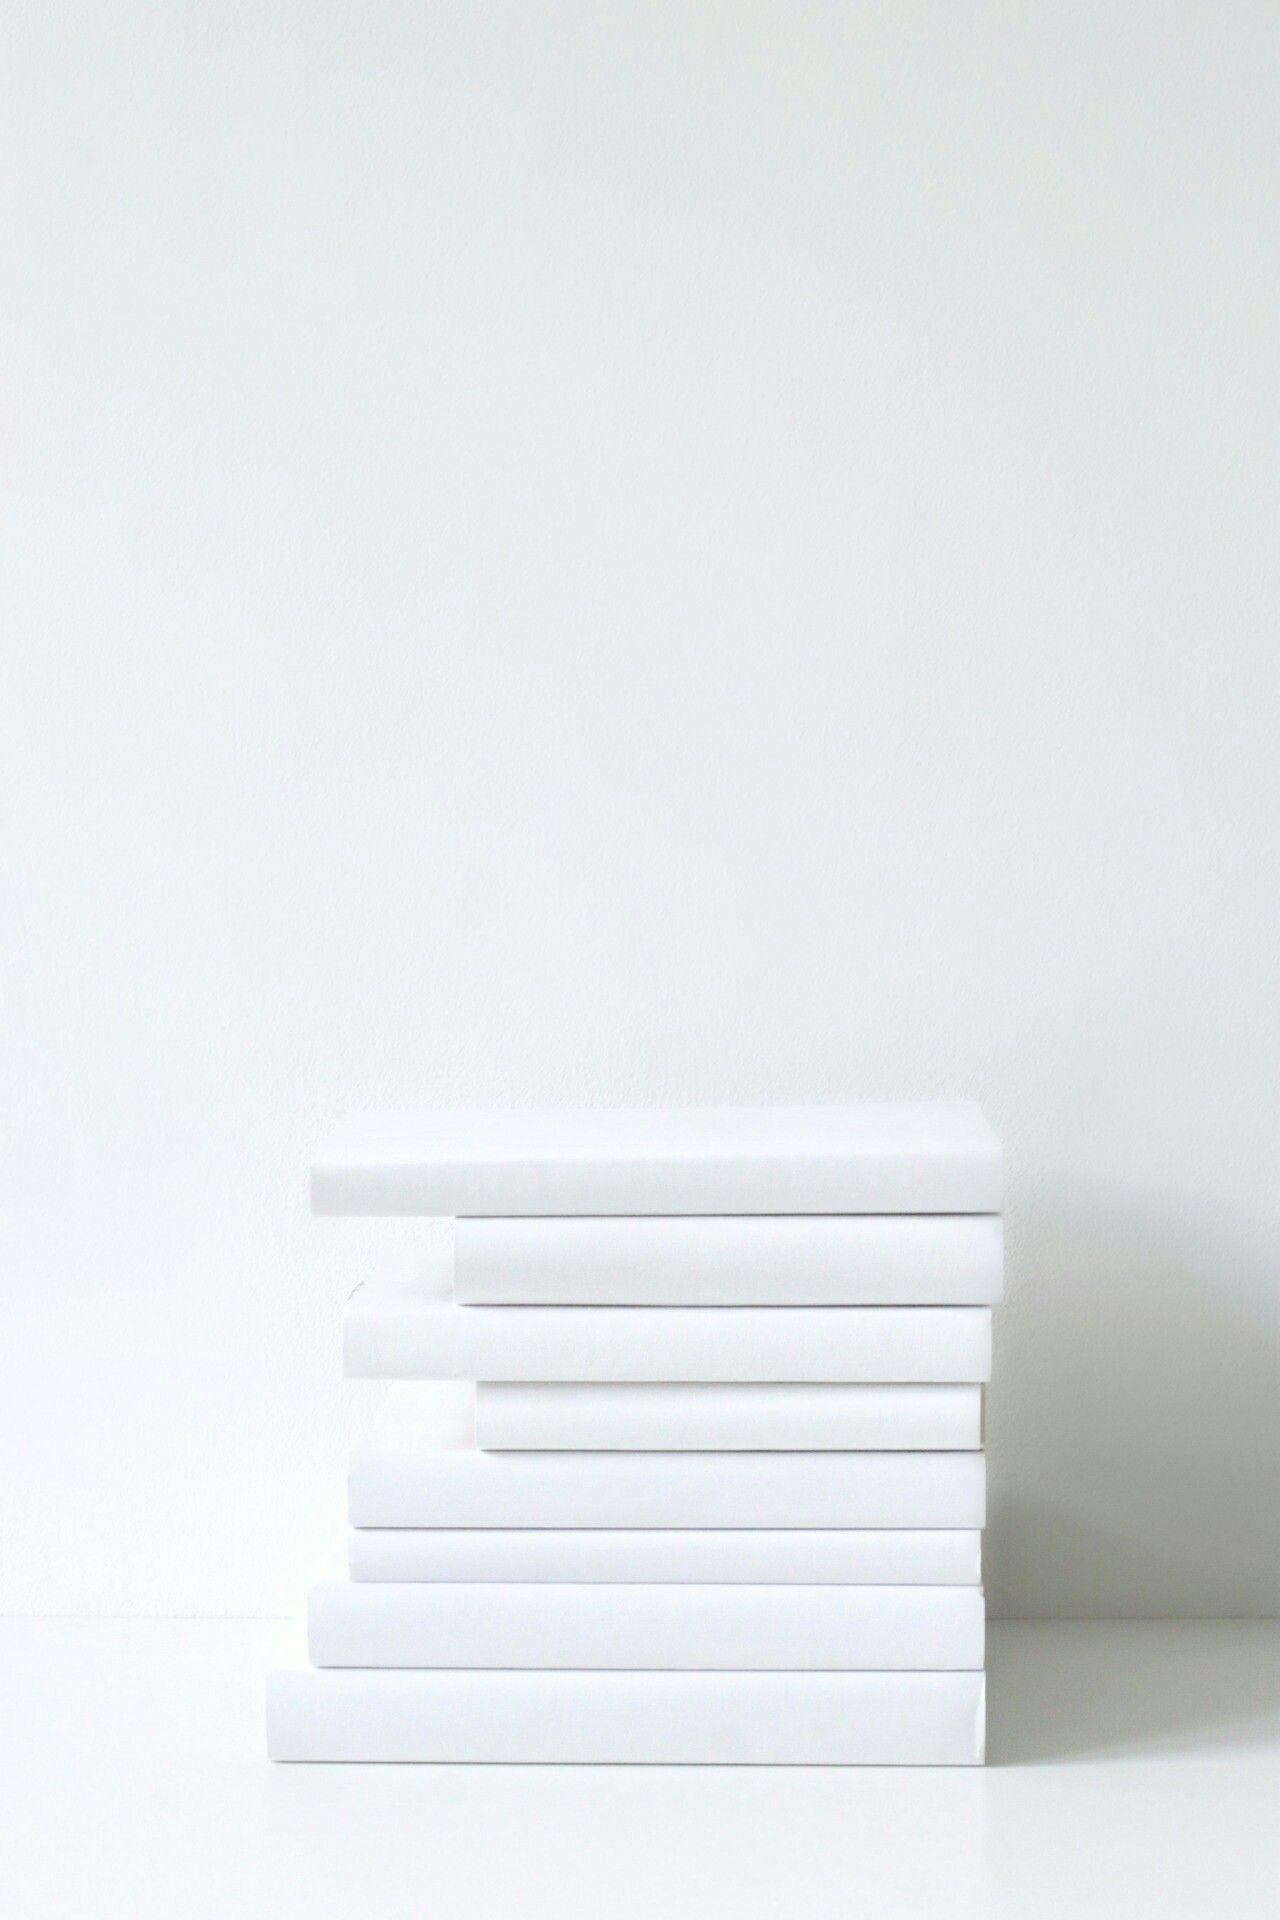 Aesthetic Wallpaper White Background